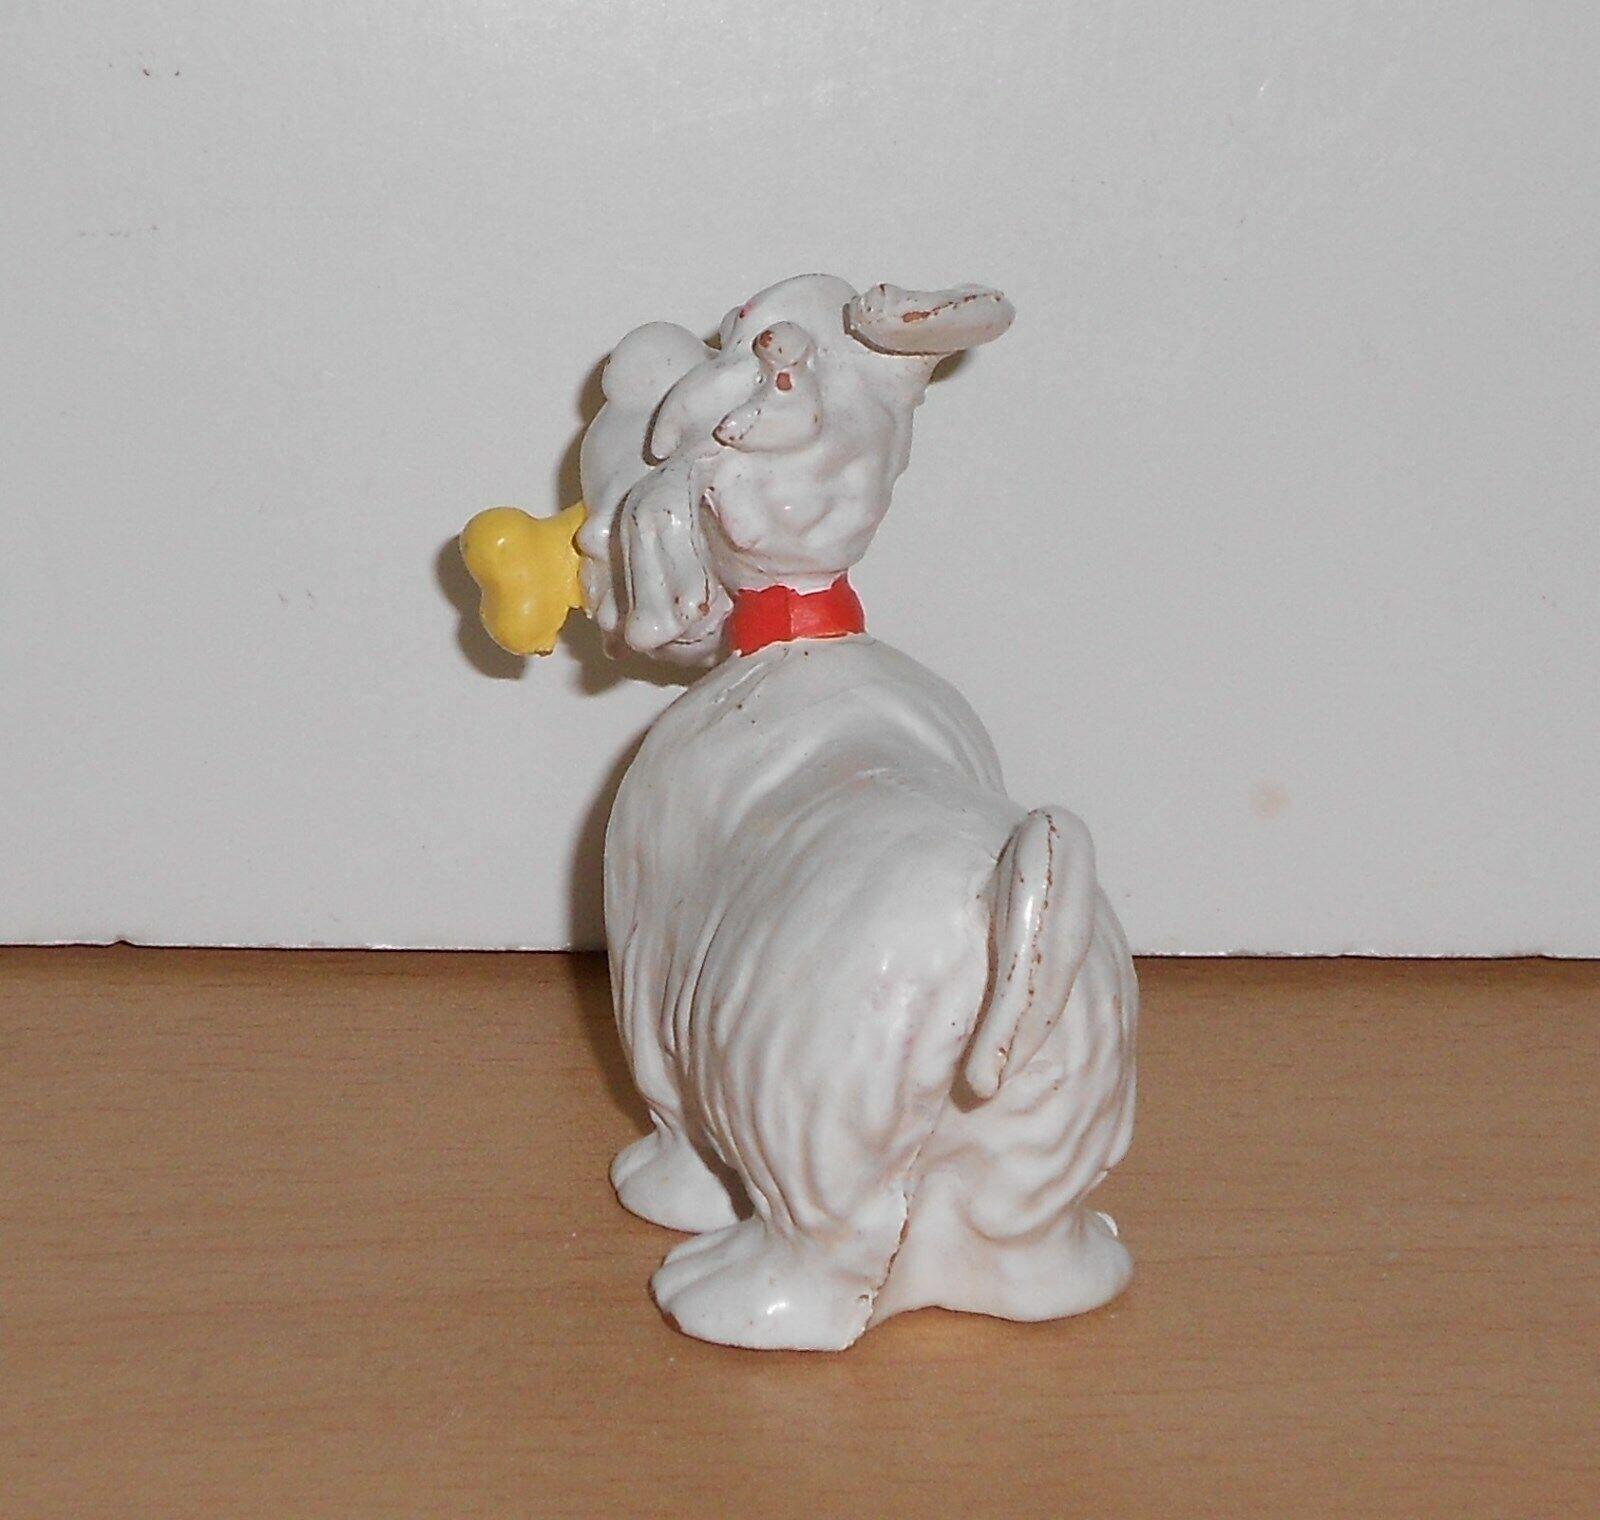 PVC TOY FIGURE Figurine DENNIS THE MENACE - RUFF RUFF RUFF THE DOG - 1980's 4b7e80